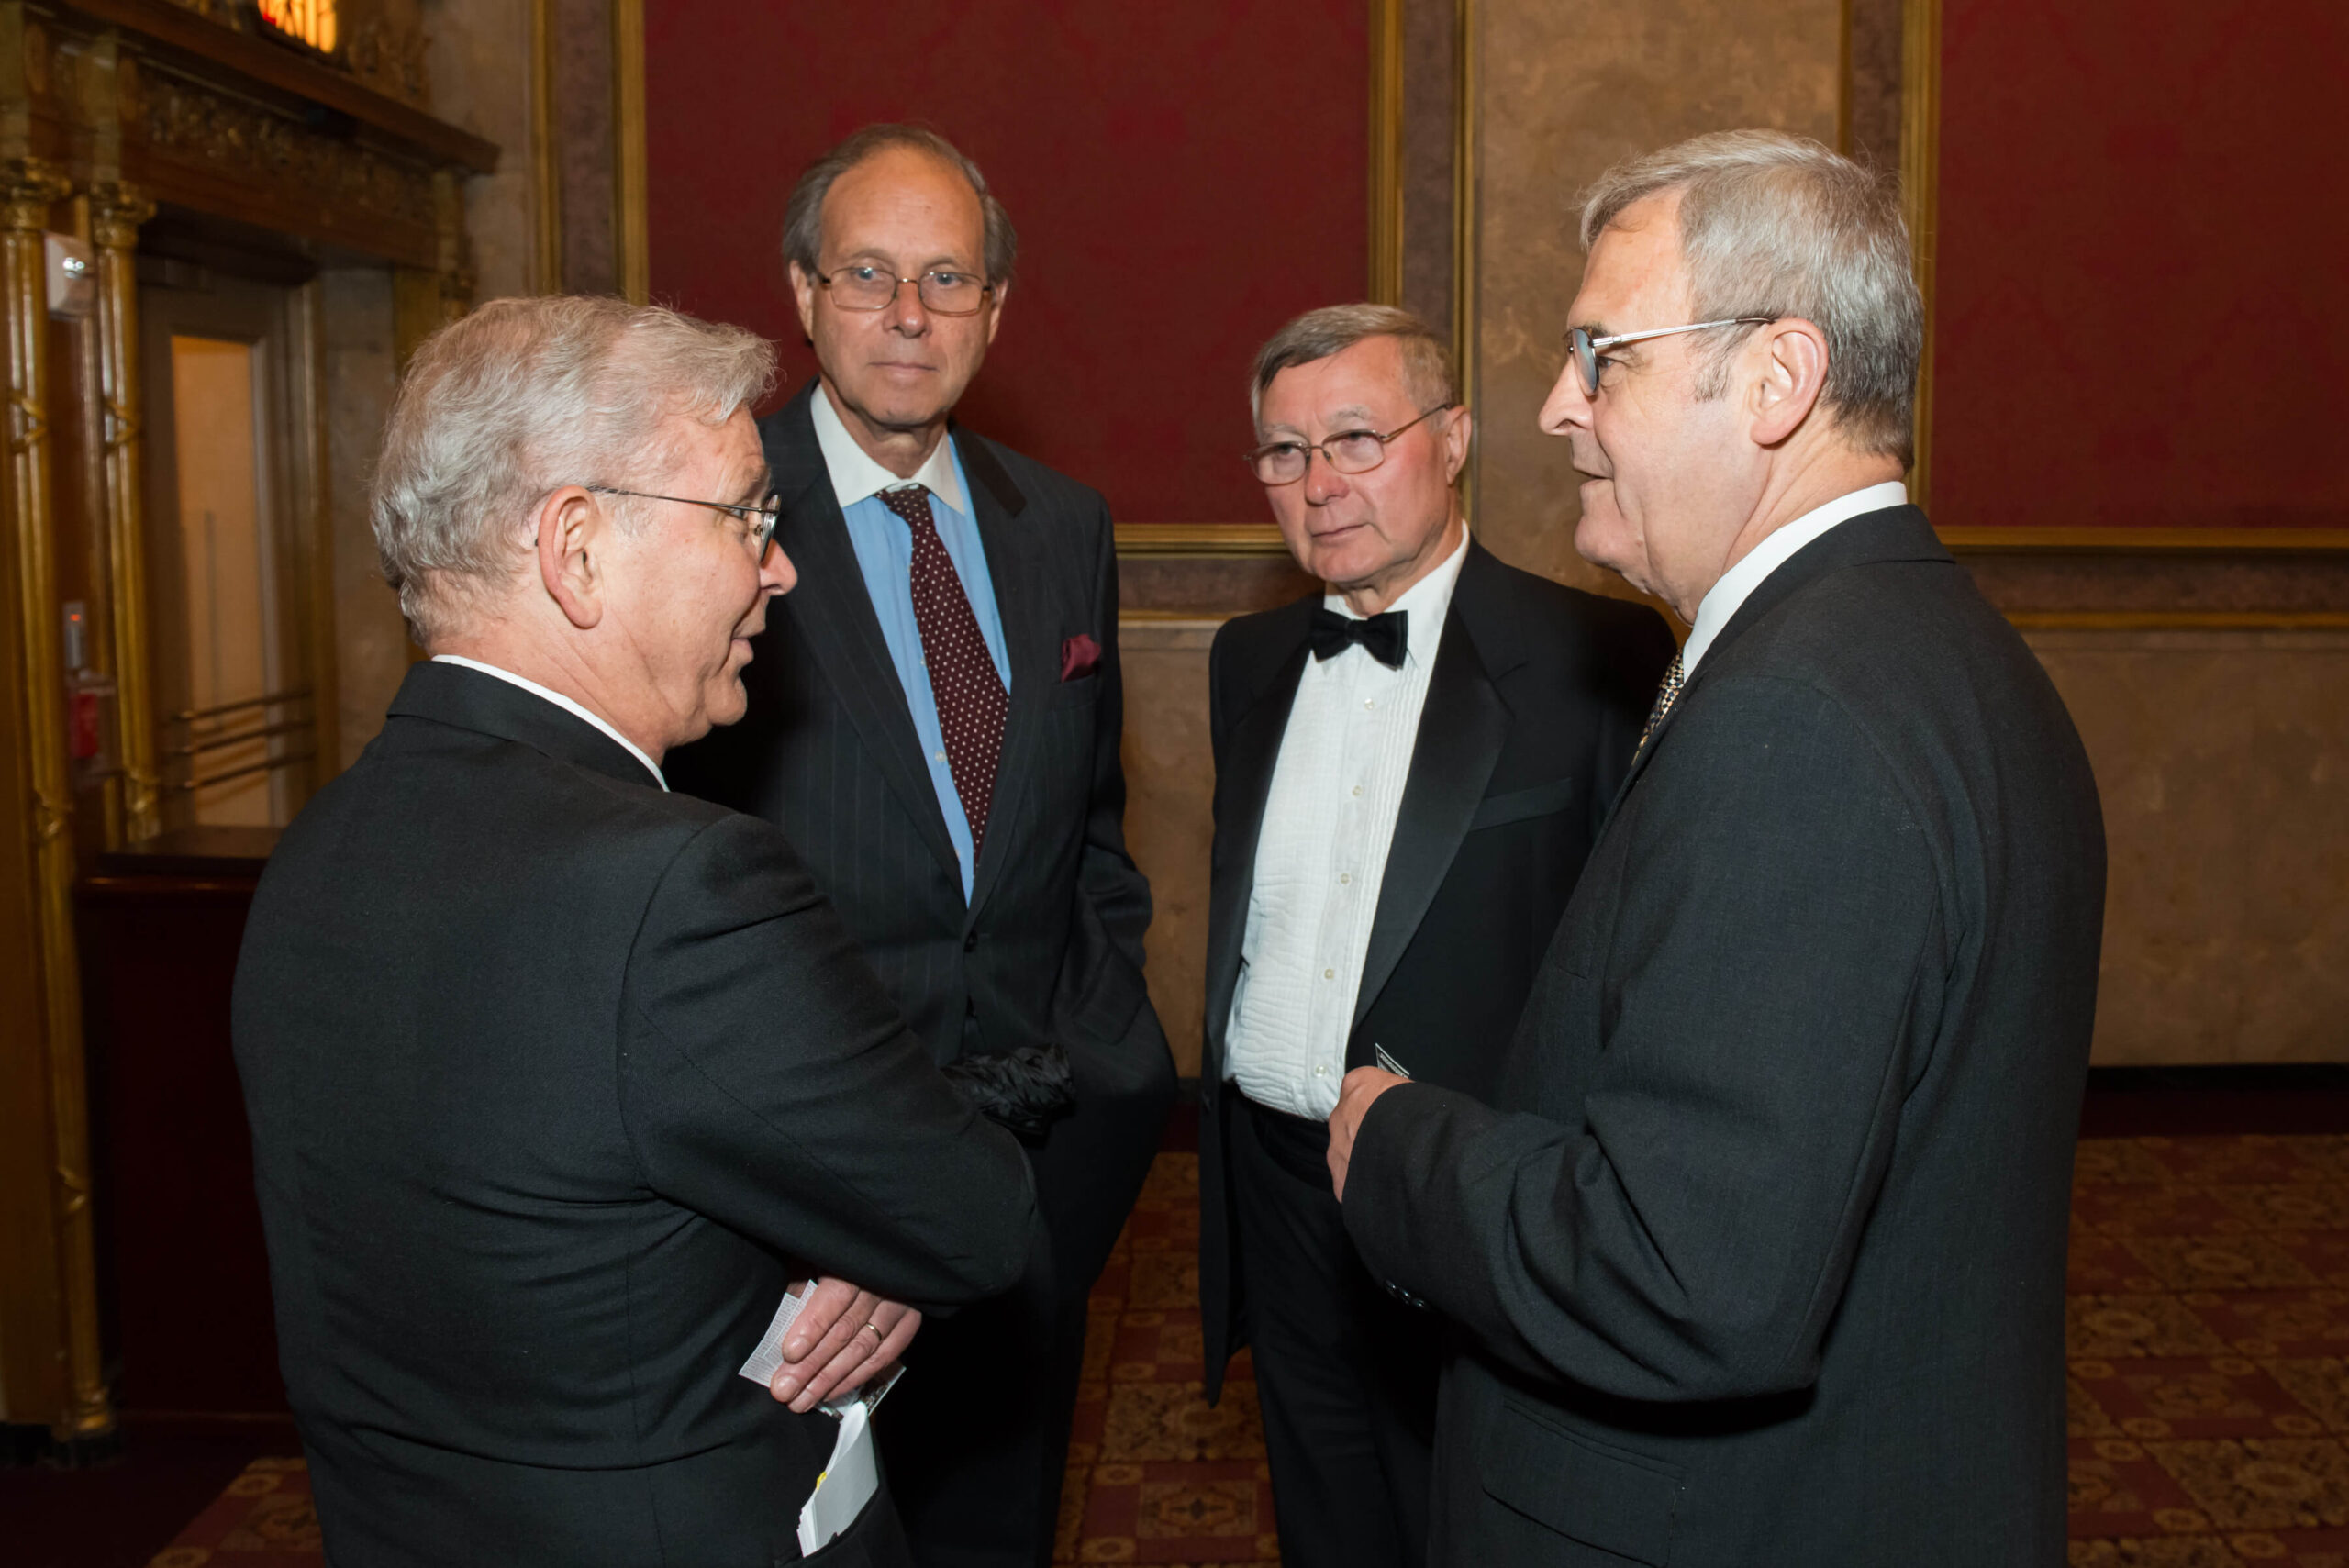 Mr. László Hámos, Mr. Ferenc Koszorús Jr., Dr. Imre Németh and Bishop László Tőkés